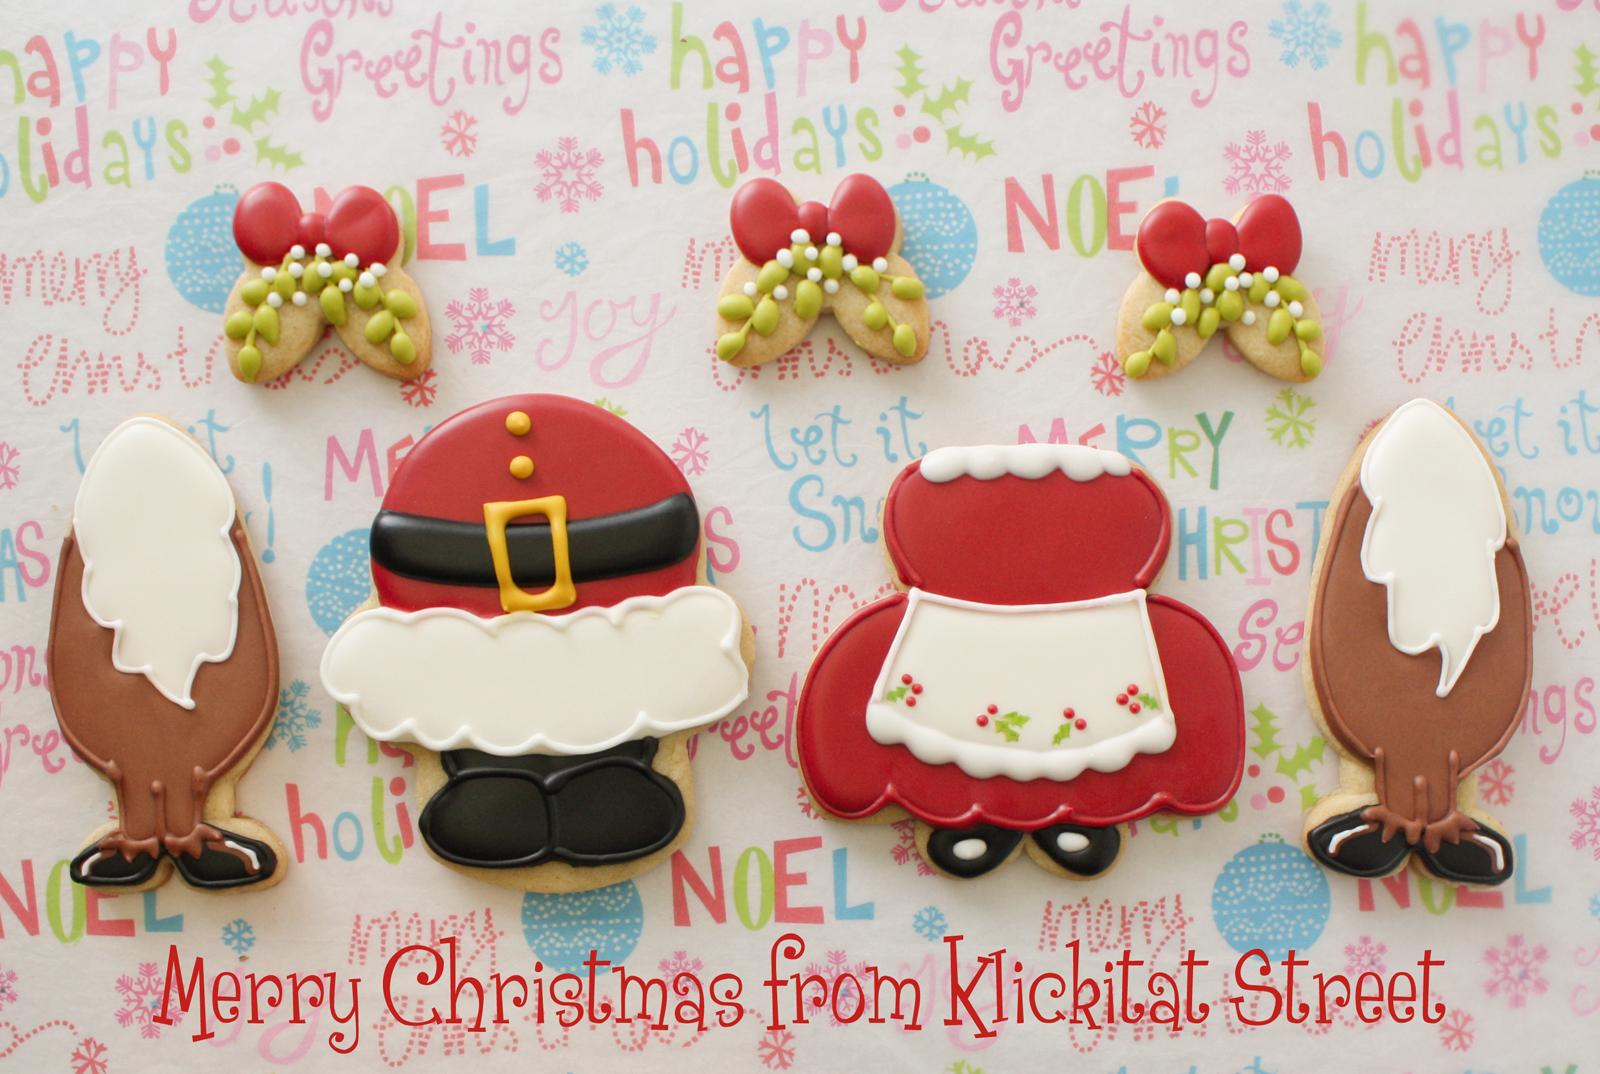 http://4.bp.blogspot.com/-dWGwnmfkETs/UMrrdnfAuQI/AAAAAAAADdQ/ZJATbXr3pGo/s1600/KlickitatStreet+Santa+Belly+Christmas+Cookies.jpg